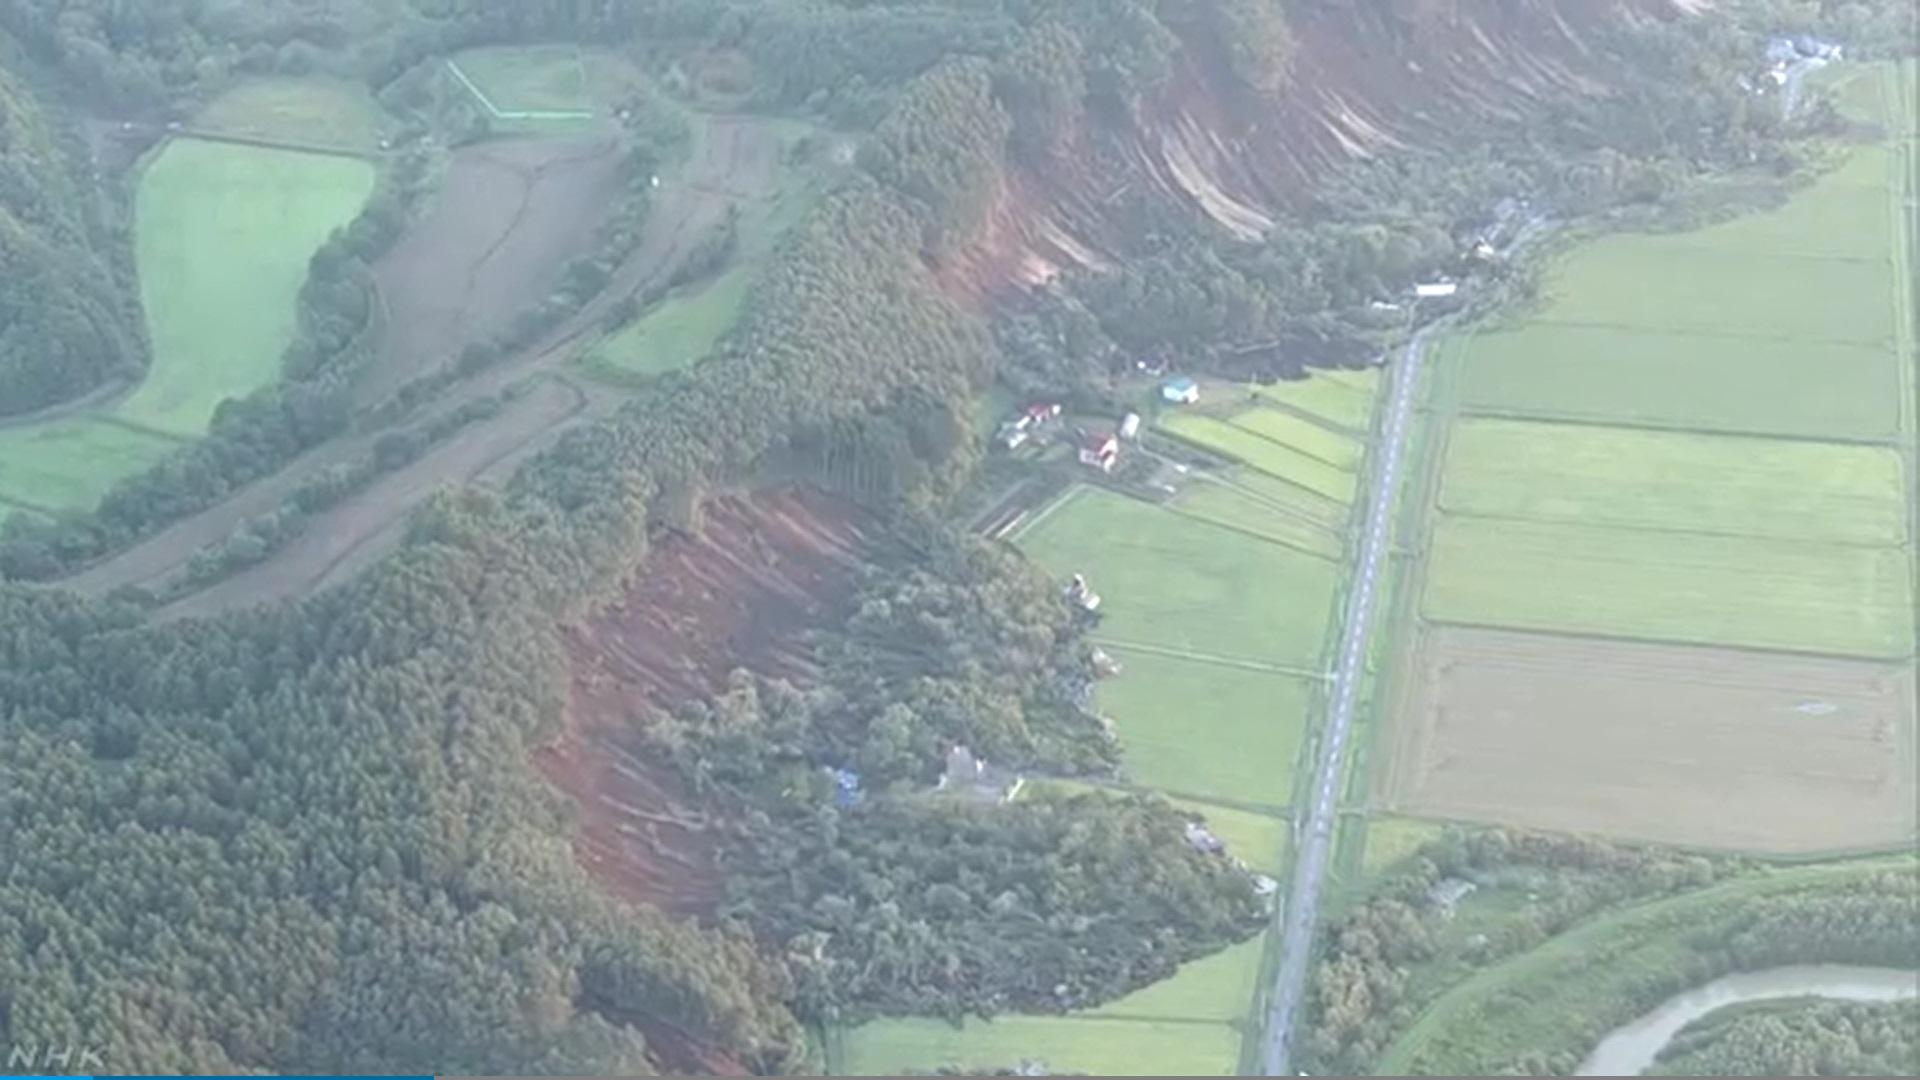 北海道の厚真町で大規模な土砂崩れの上空からの画像